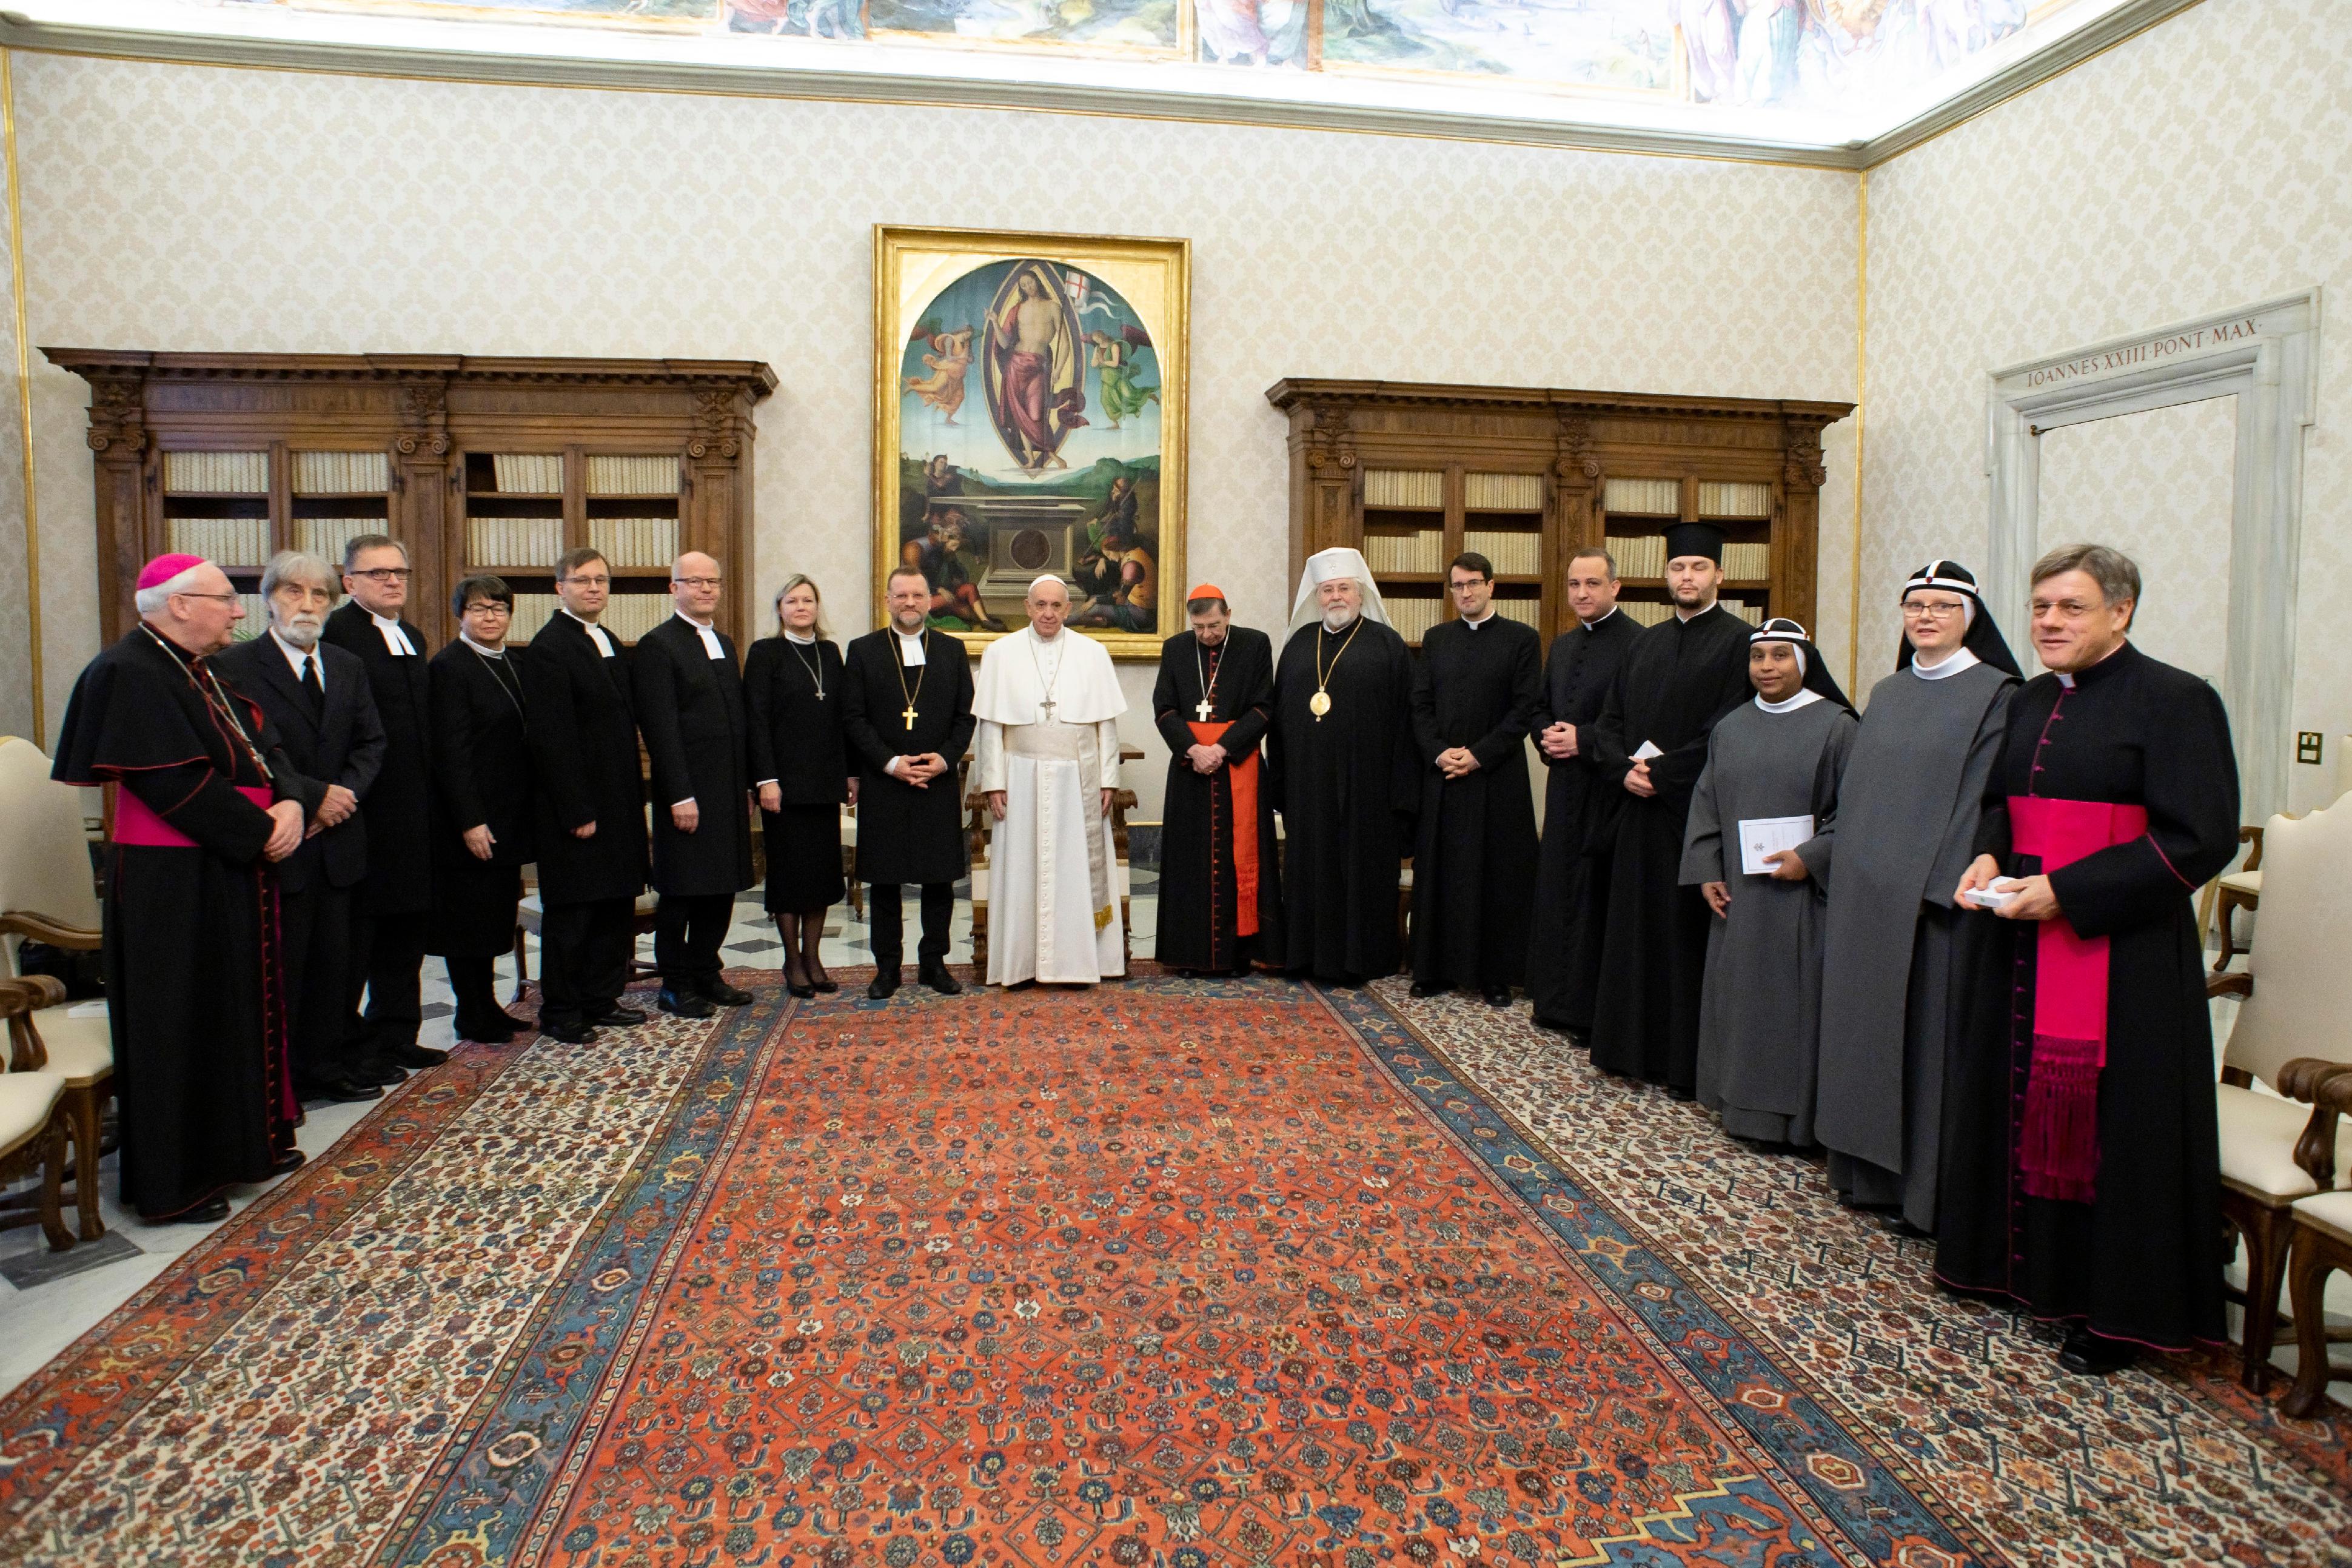 Délégation oecuménique de Finlande © Vatican Media